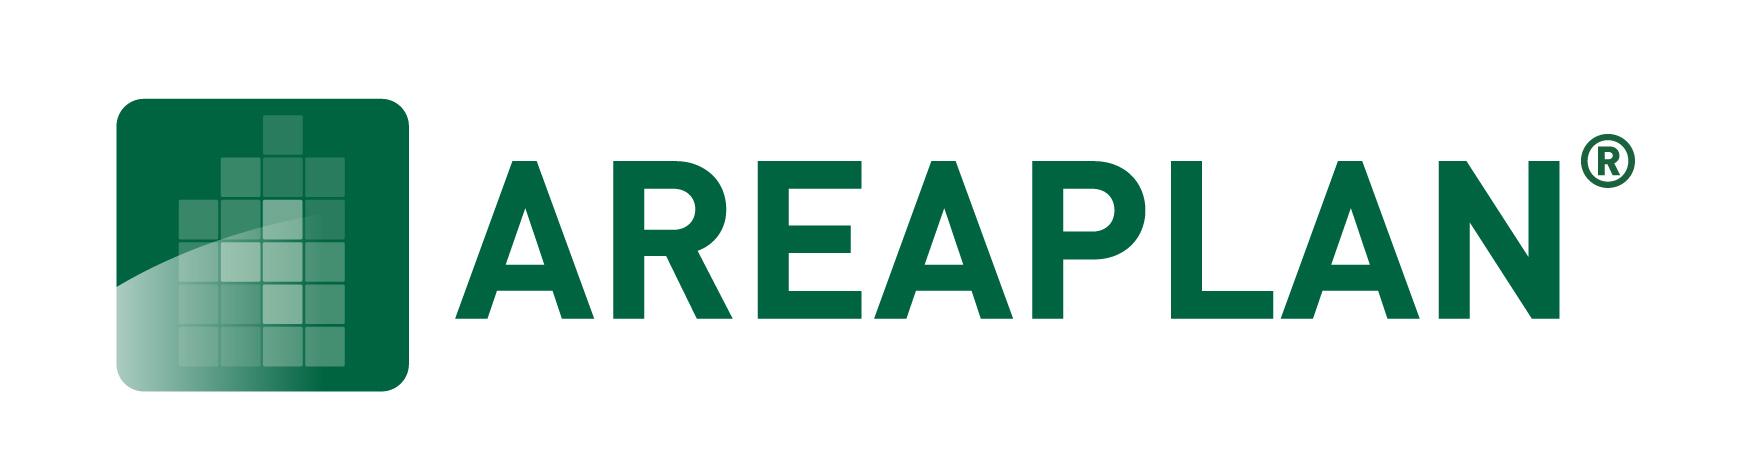 AREAPLAN Logo